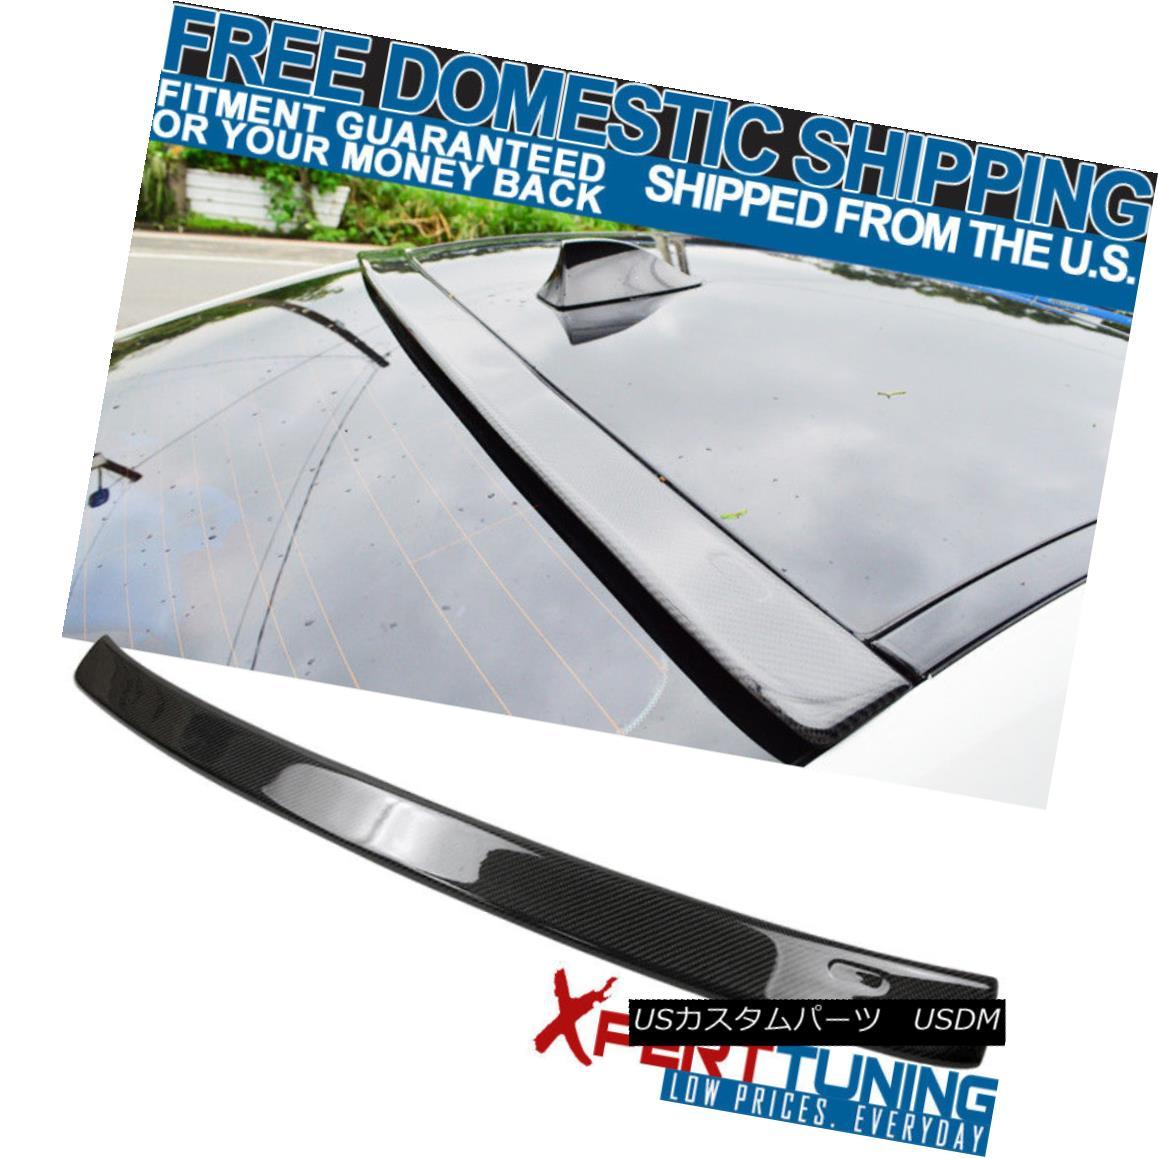 エアロパーツ 11 12 13 14 15 16 F10 5 Series 4Dr Carbon Fiber CF AC Style Roof Spoiler Wing 11 12 13 14 15 16 F10 5シリーズ4Dr炭素繊維CF ACスタイル屋根用スポイラーウイング